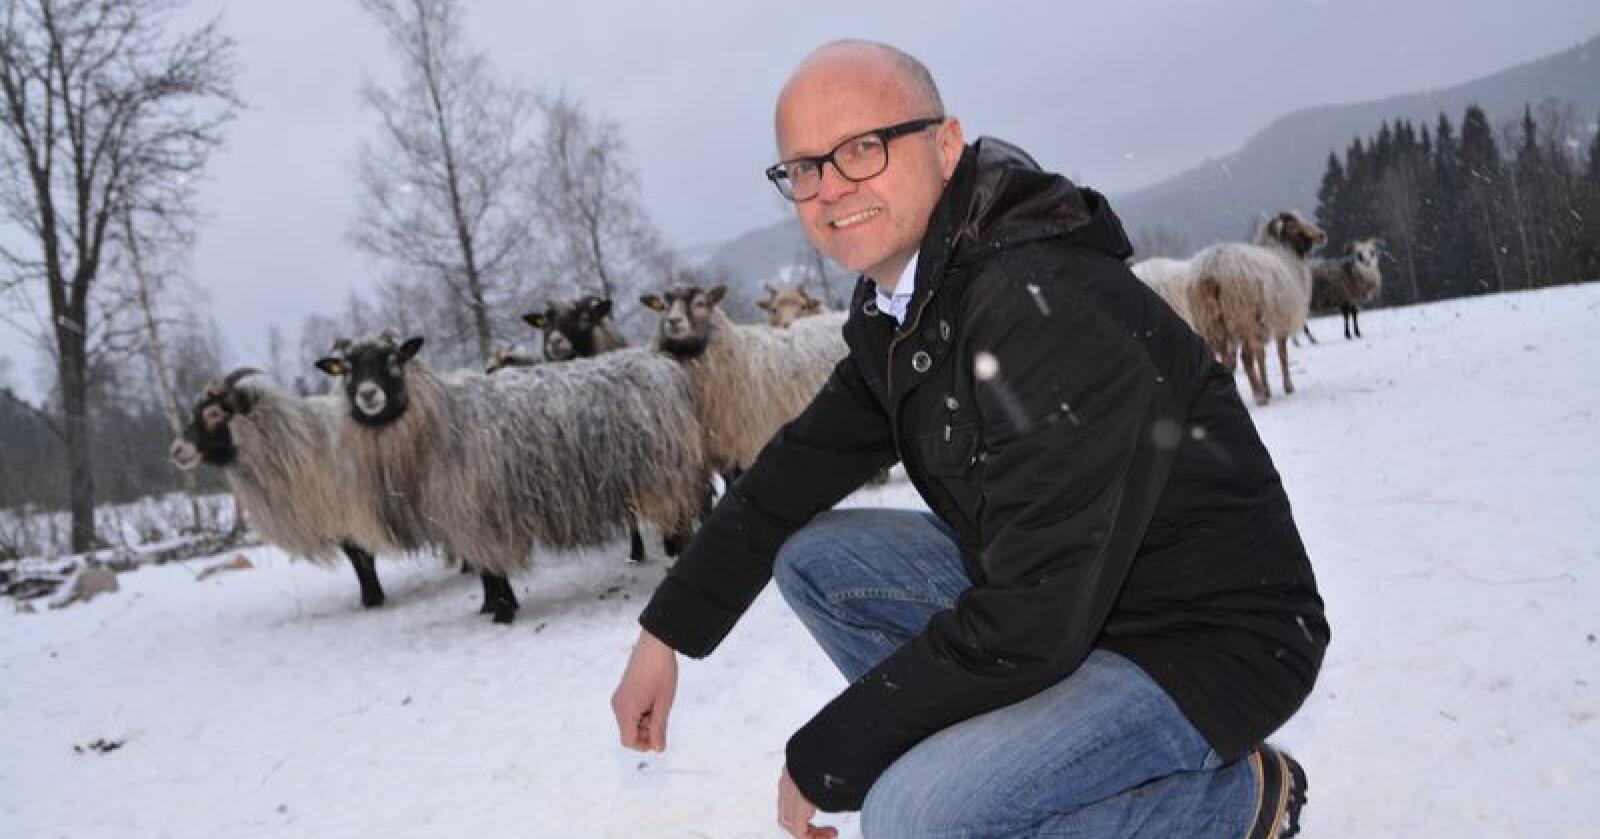 Klima- og miljøminister Vidar Helgesen (H) vil undersøke om ulvene tilhører de to flokkene før han eventuelt gir ny fellingstillatelse. Foto: Anders Sandbu